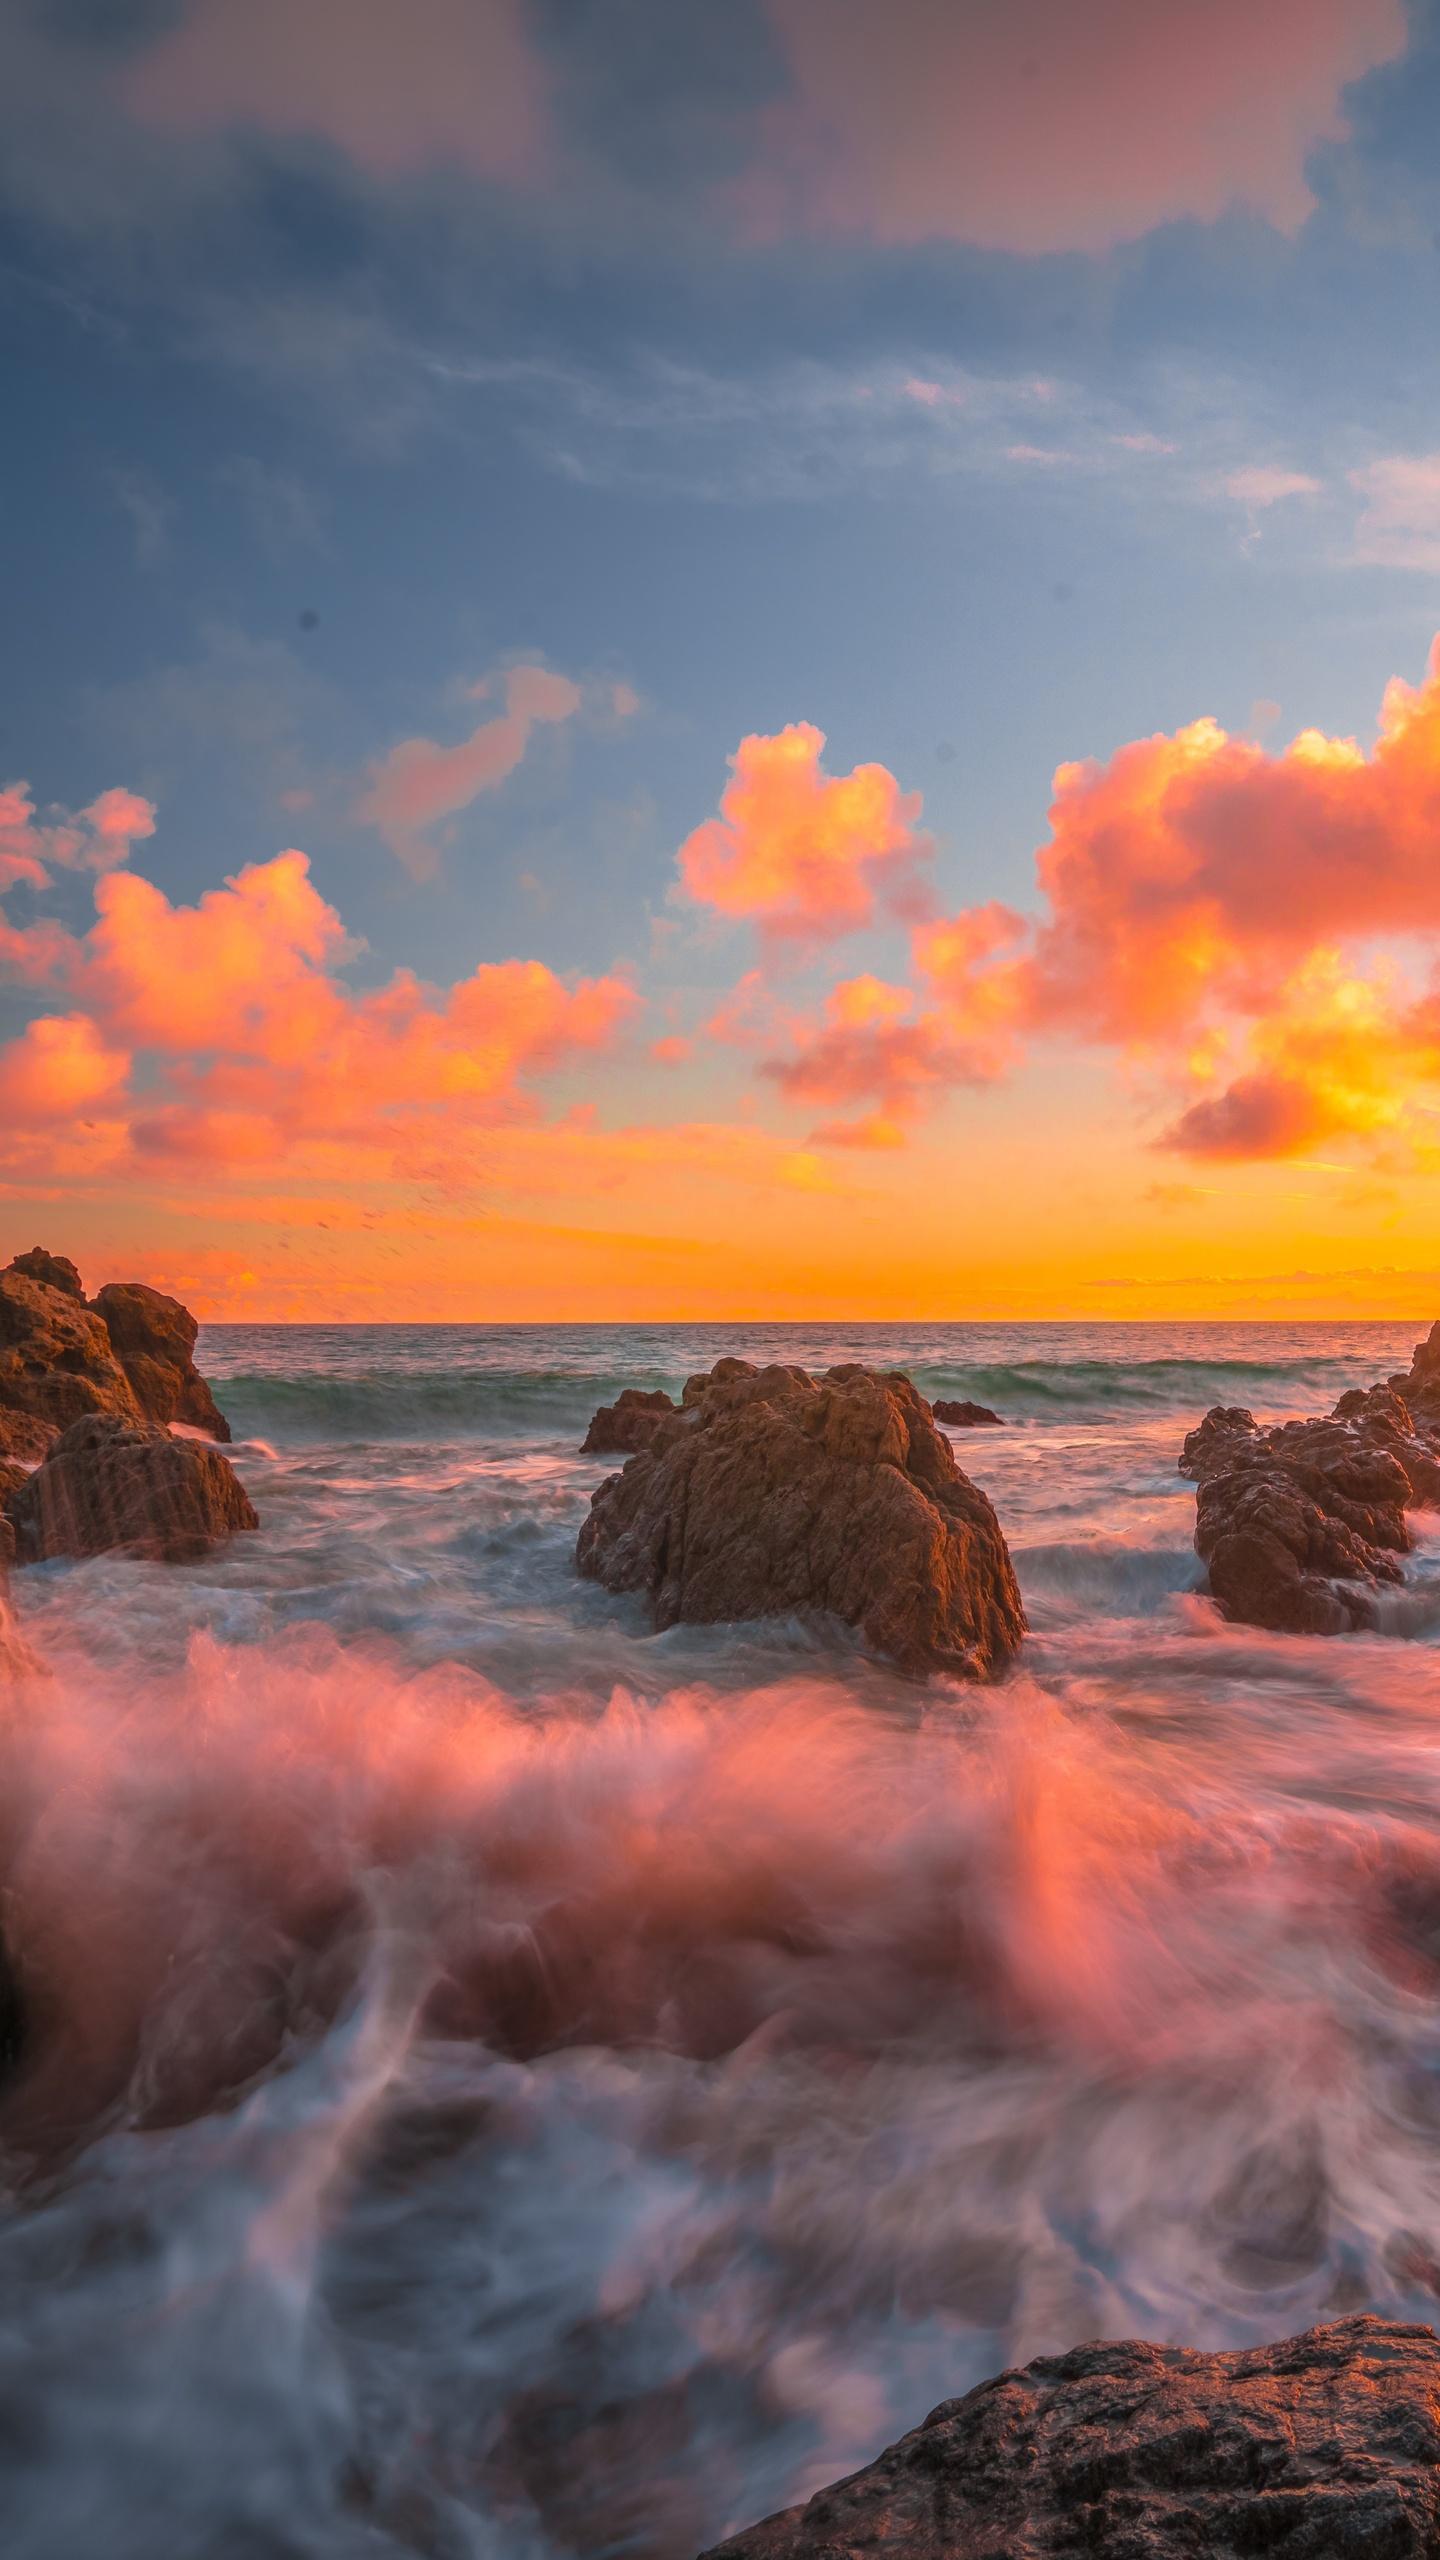 ocean-sunset-8k-xc.jpg